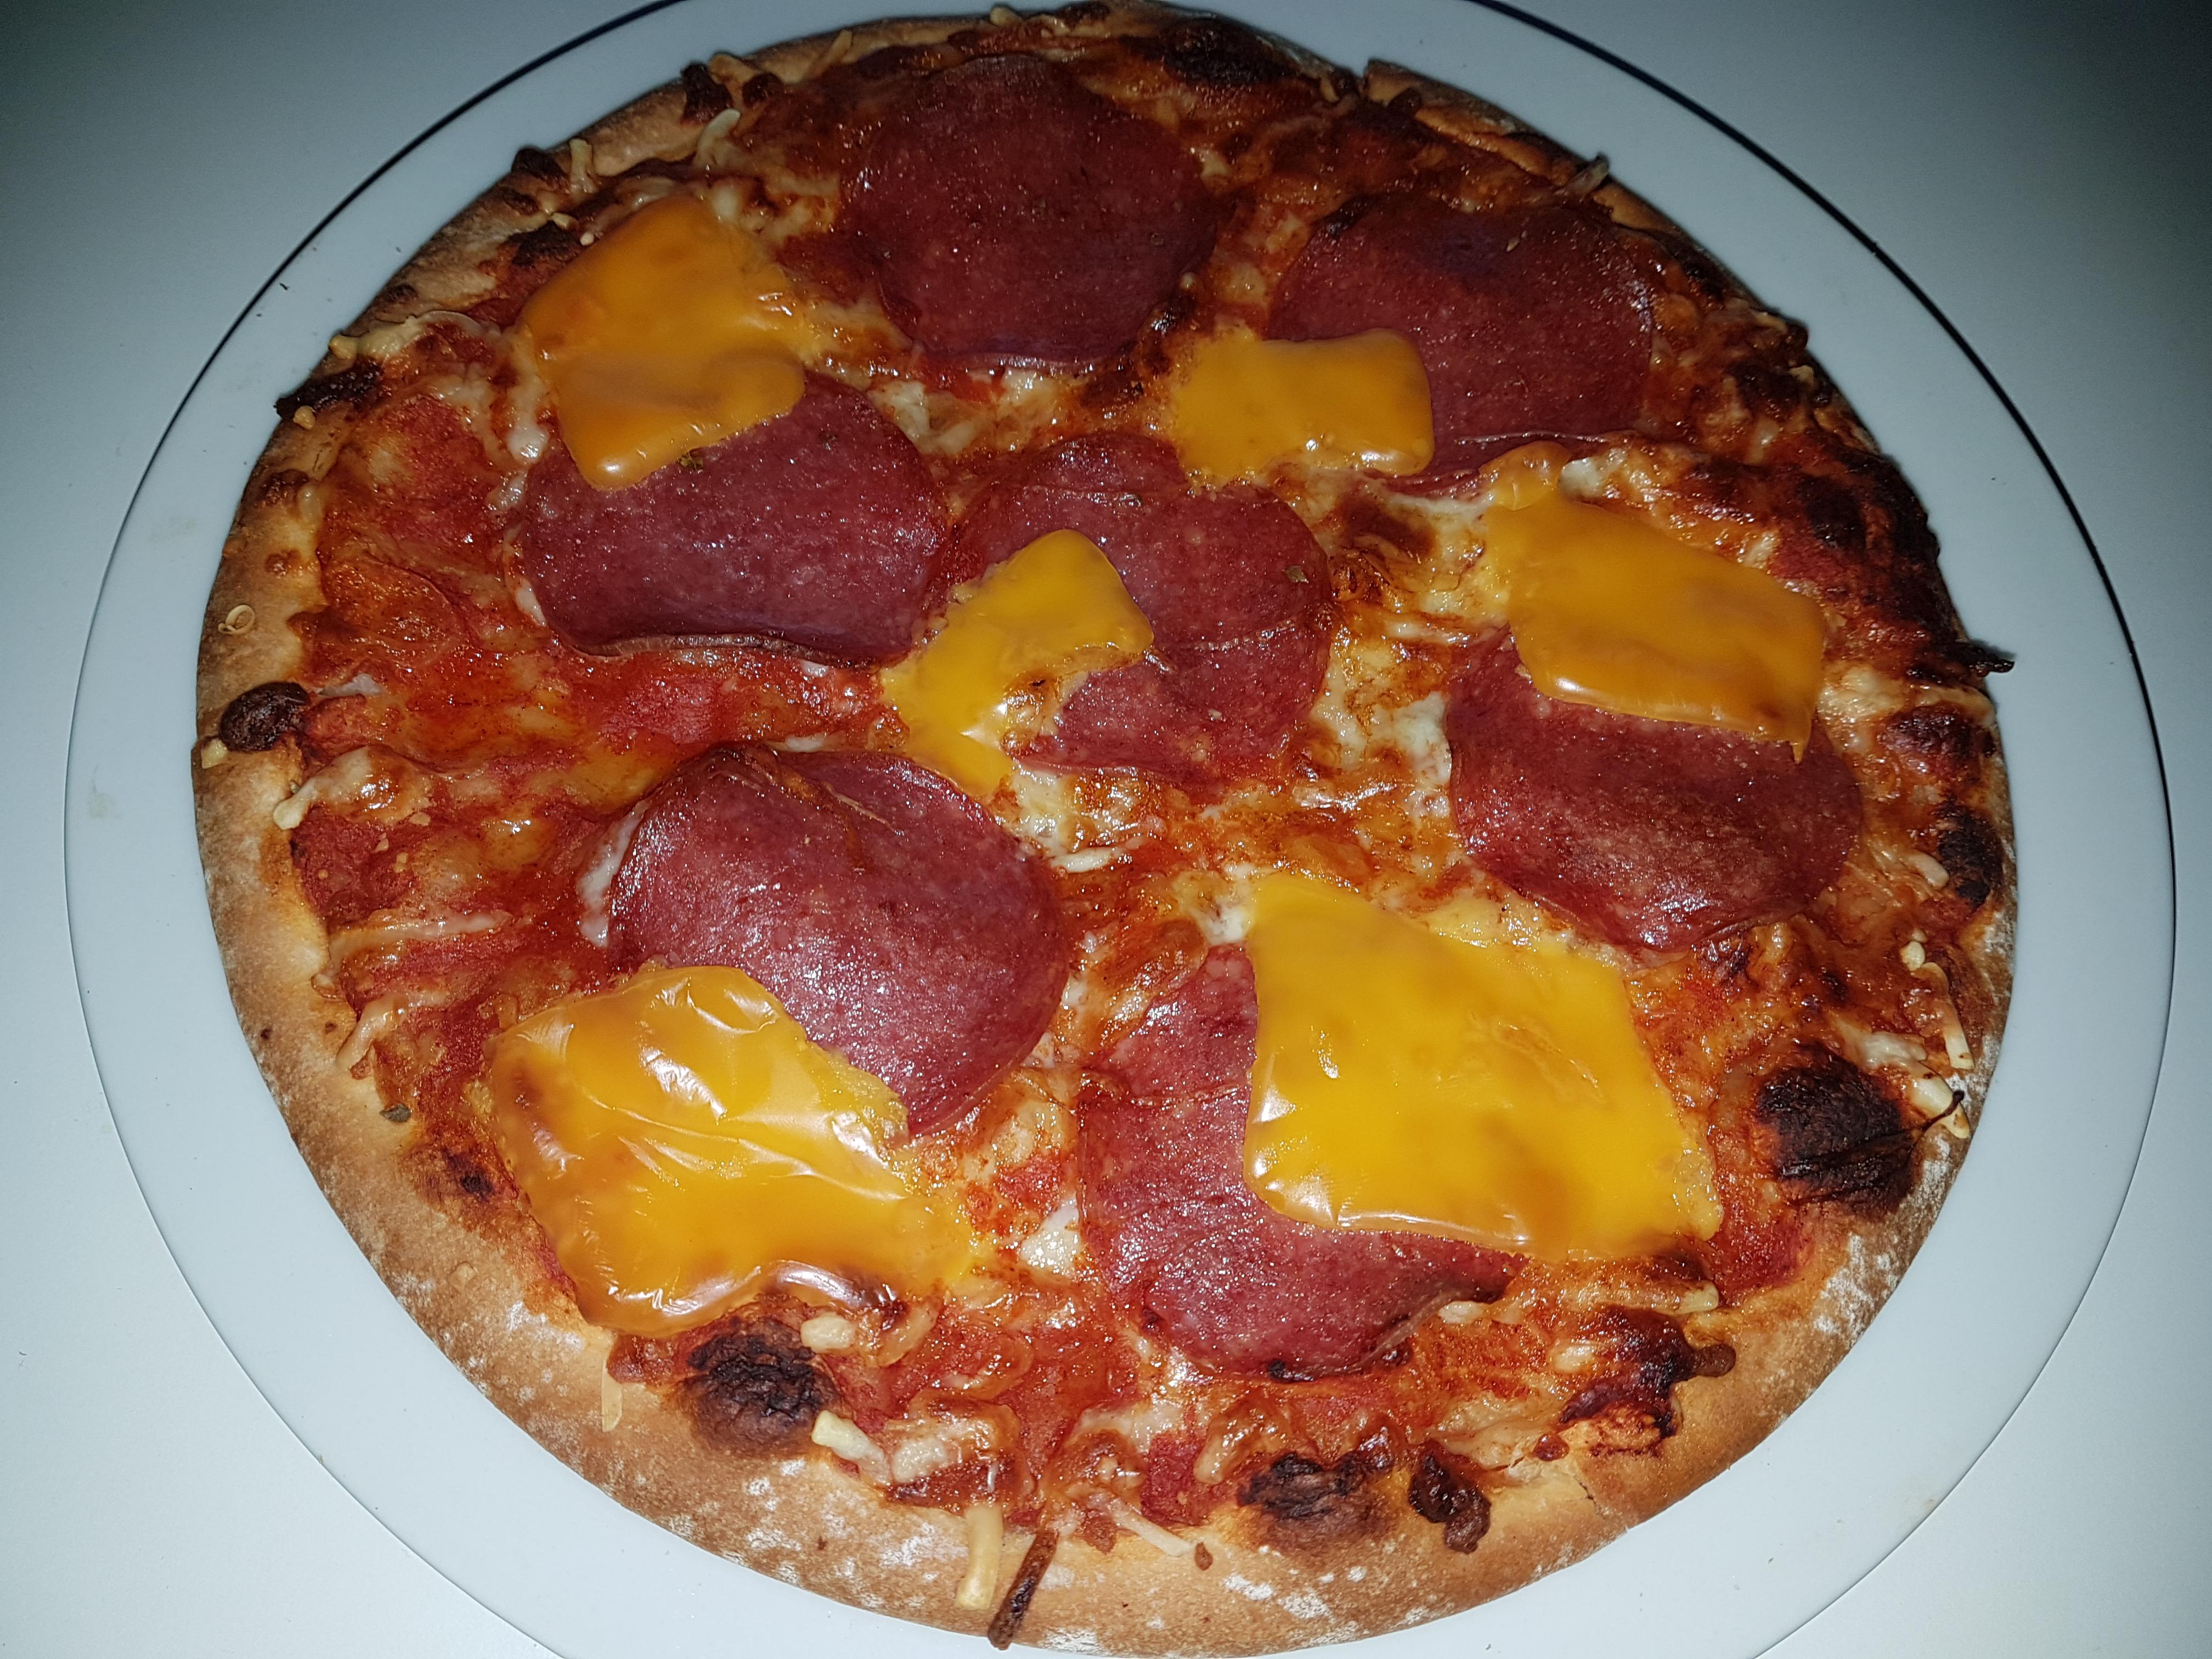 https://foodloader.net/Holz_2018-08-22_Pizza.jpg